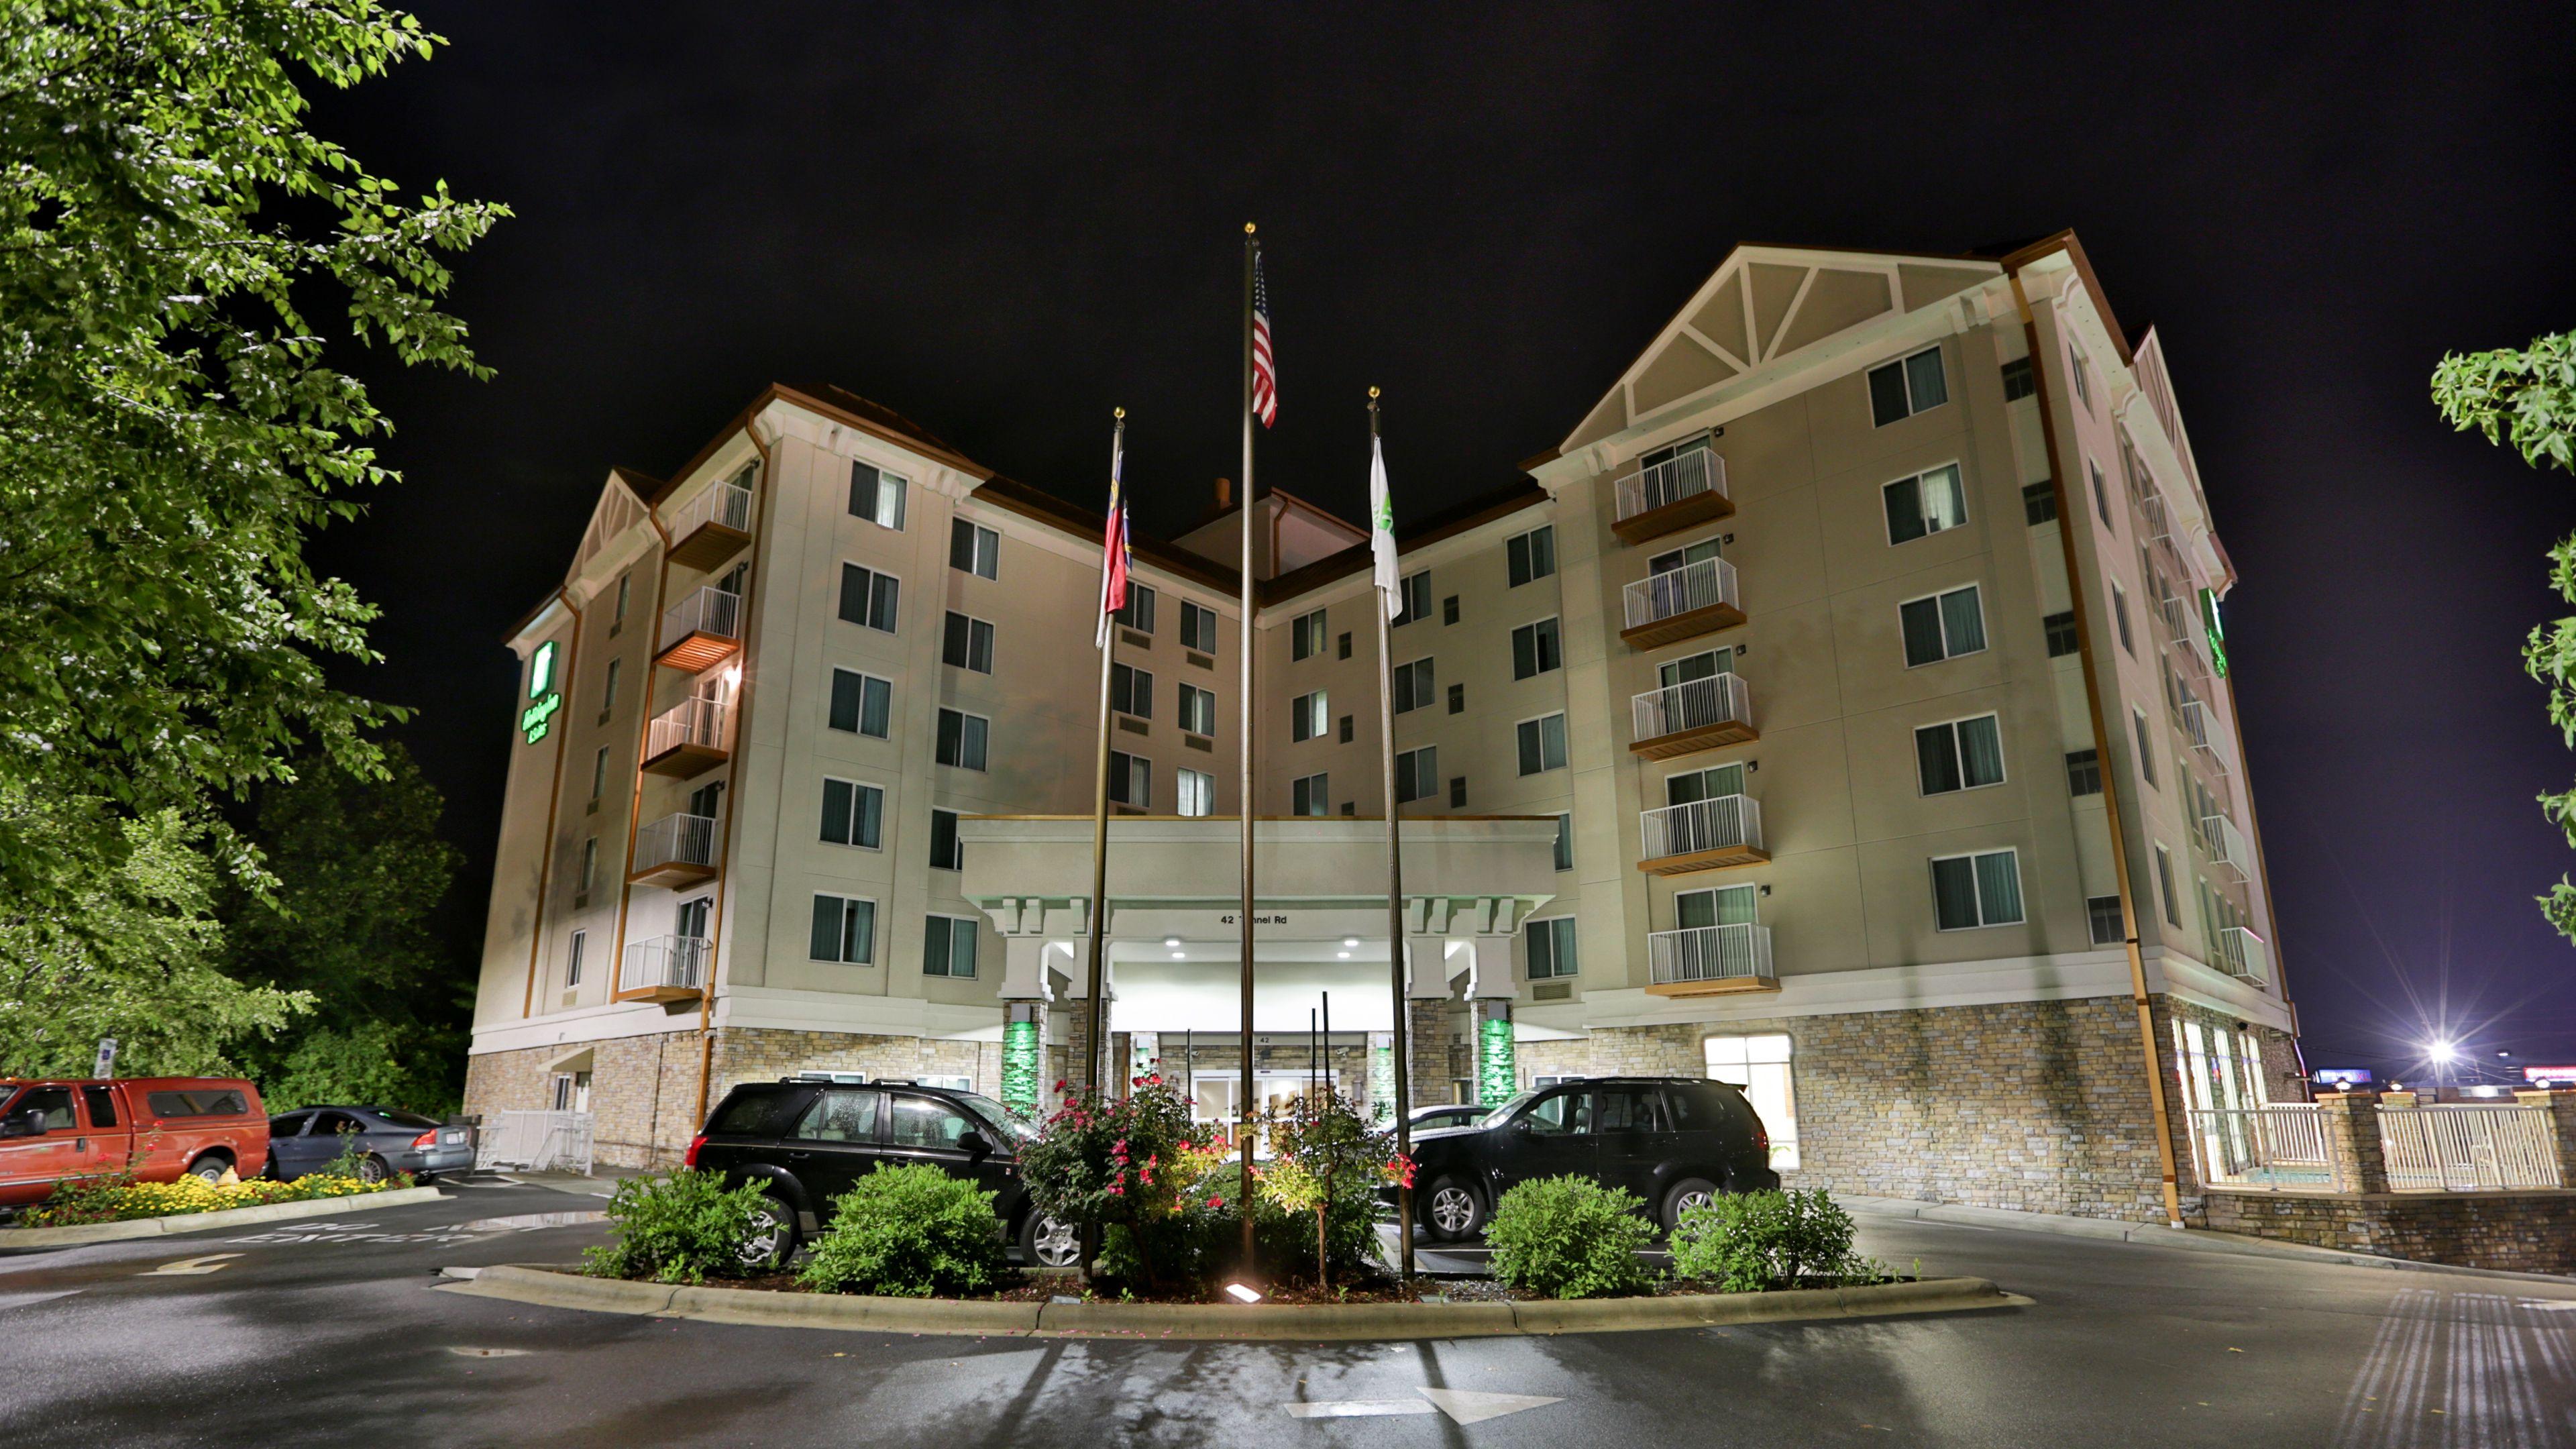 Holiday Inn Arlington At Ballston In Arlington Va 22203